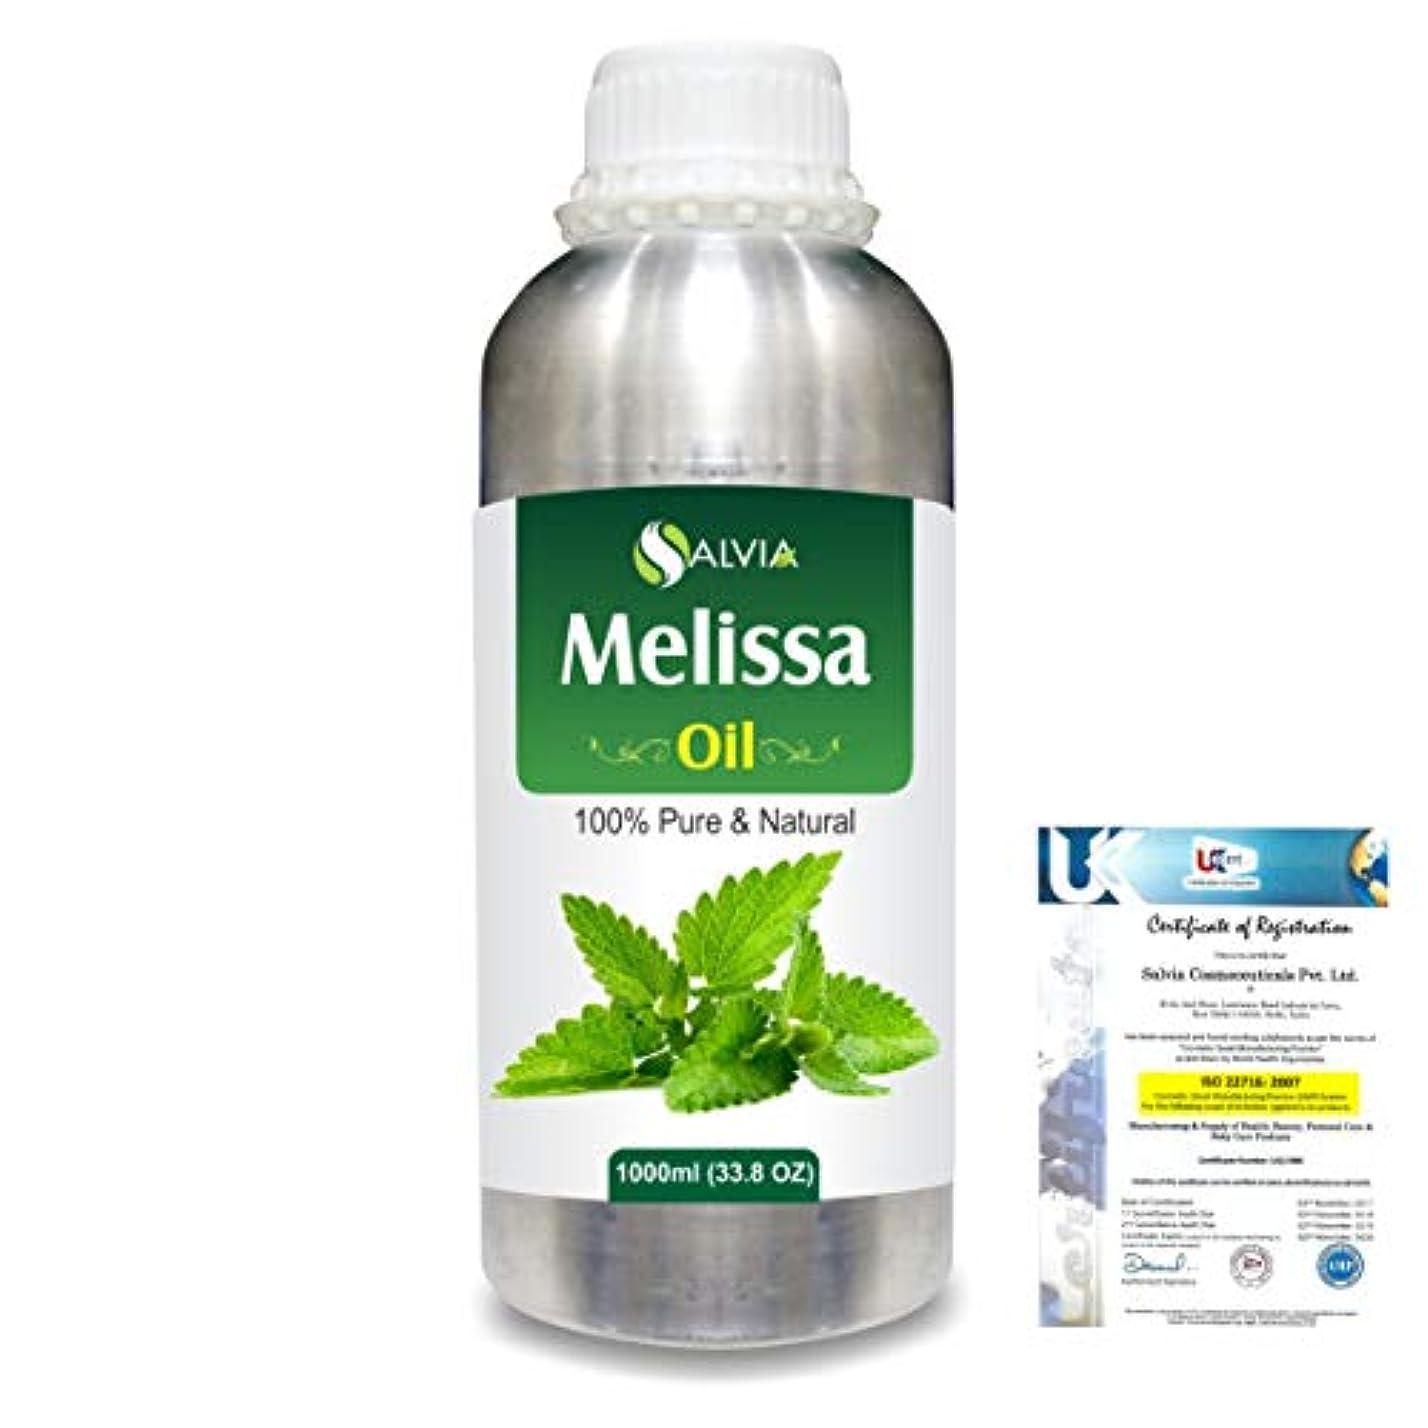 ゆでる廃棄回想Melissa (Melissa officinalis) 100% Natural Pure Essential Oil 1000ml/33.8fl.oz.